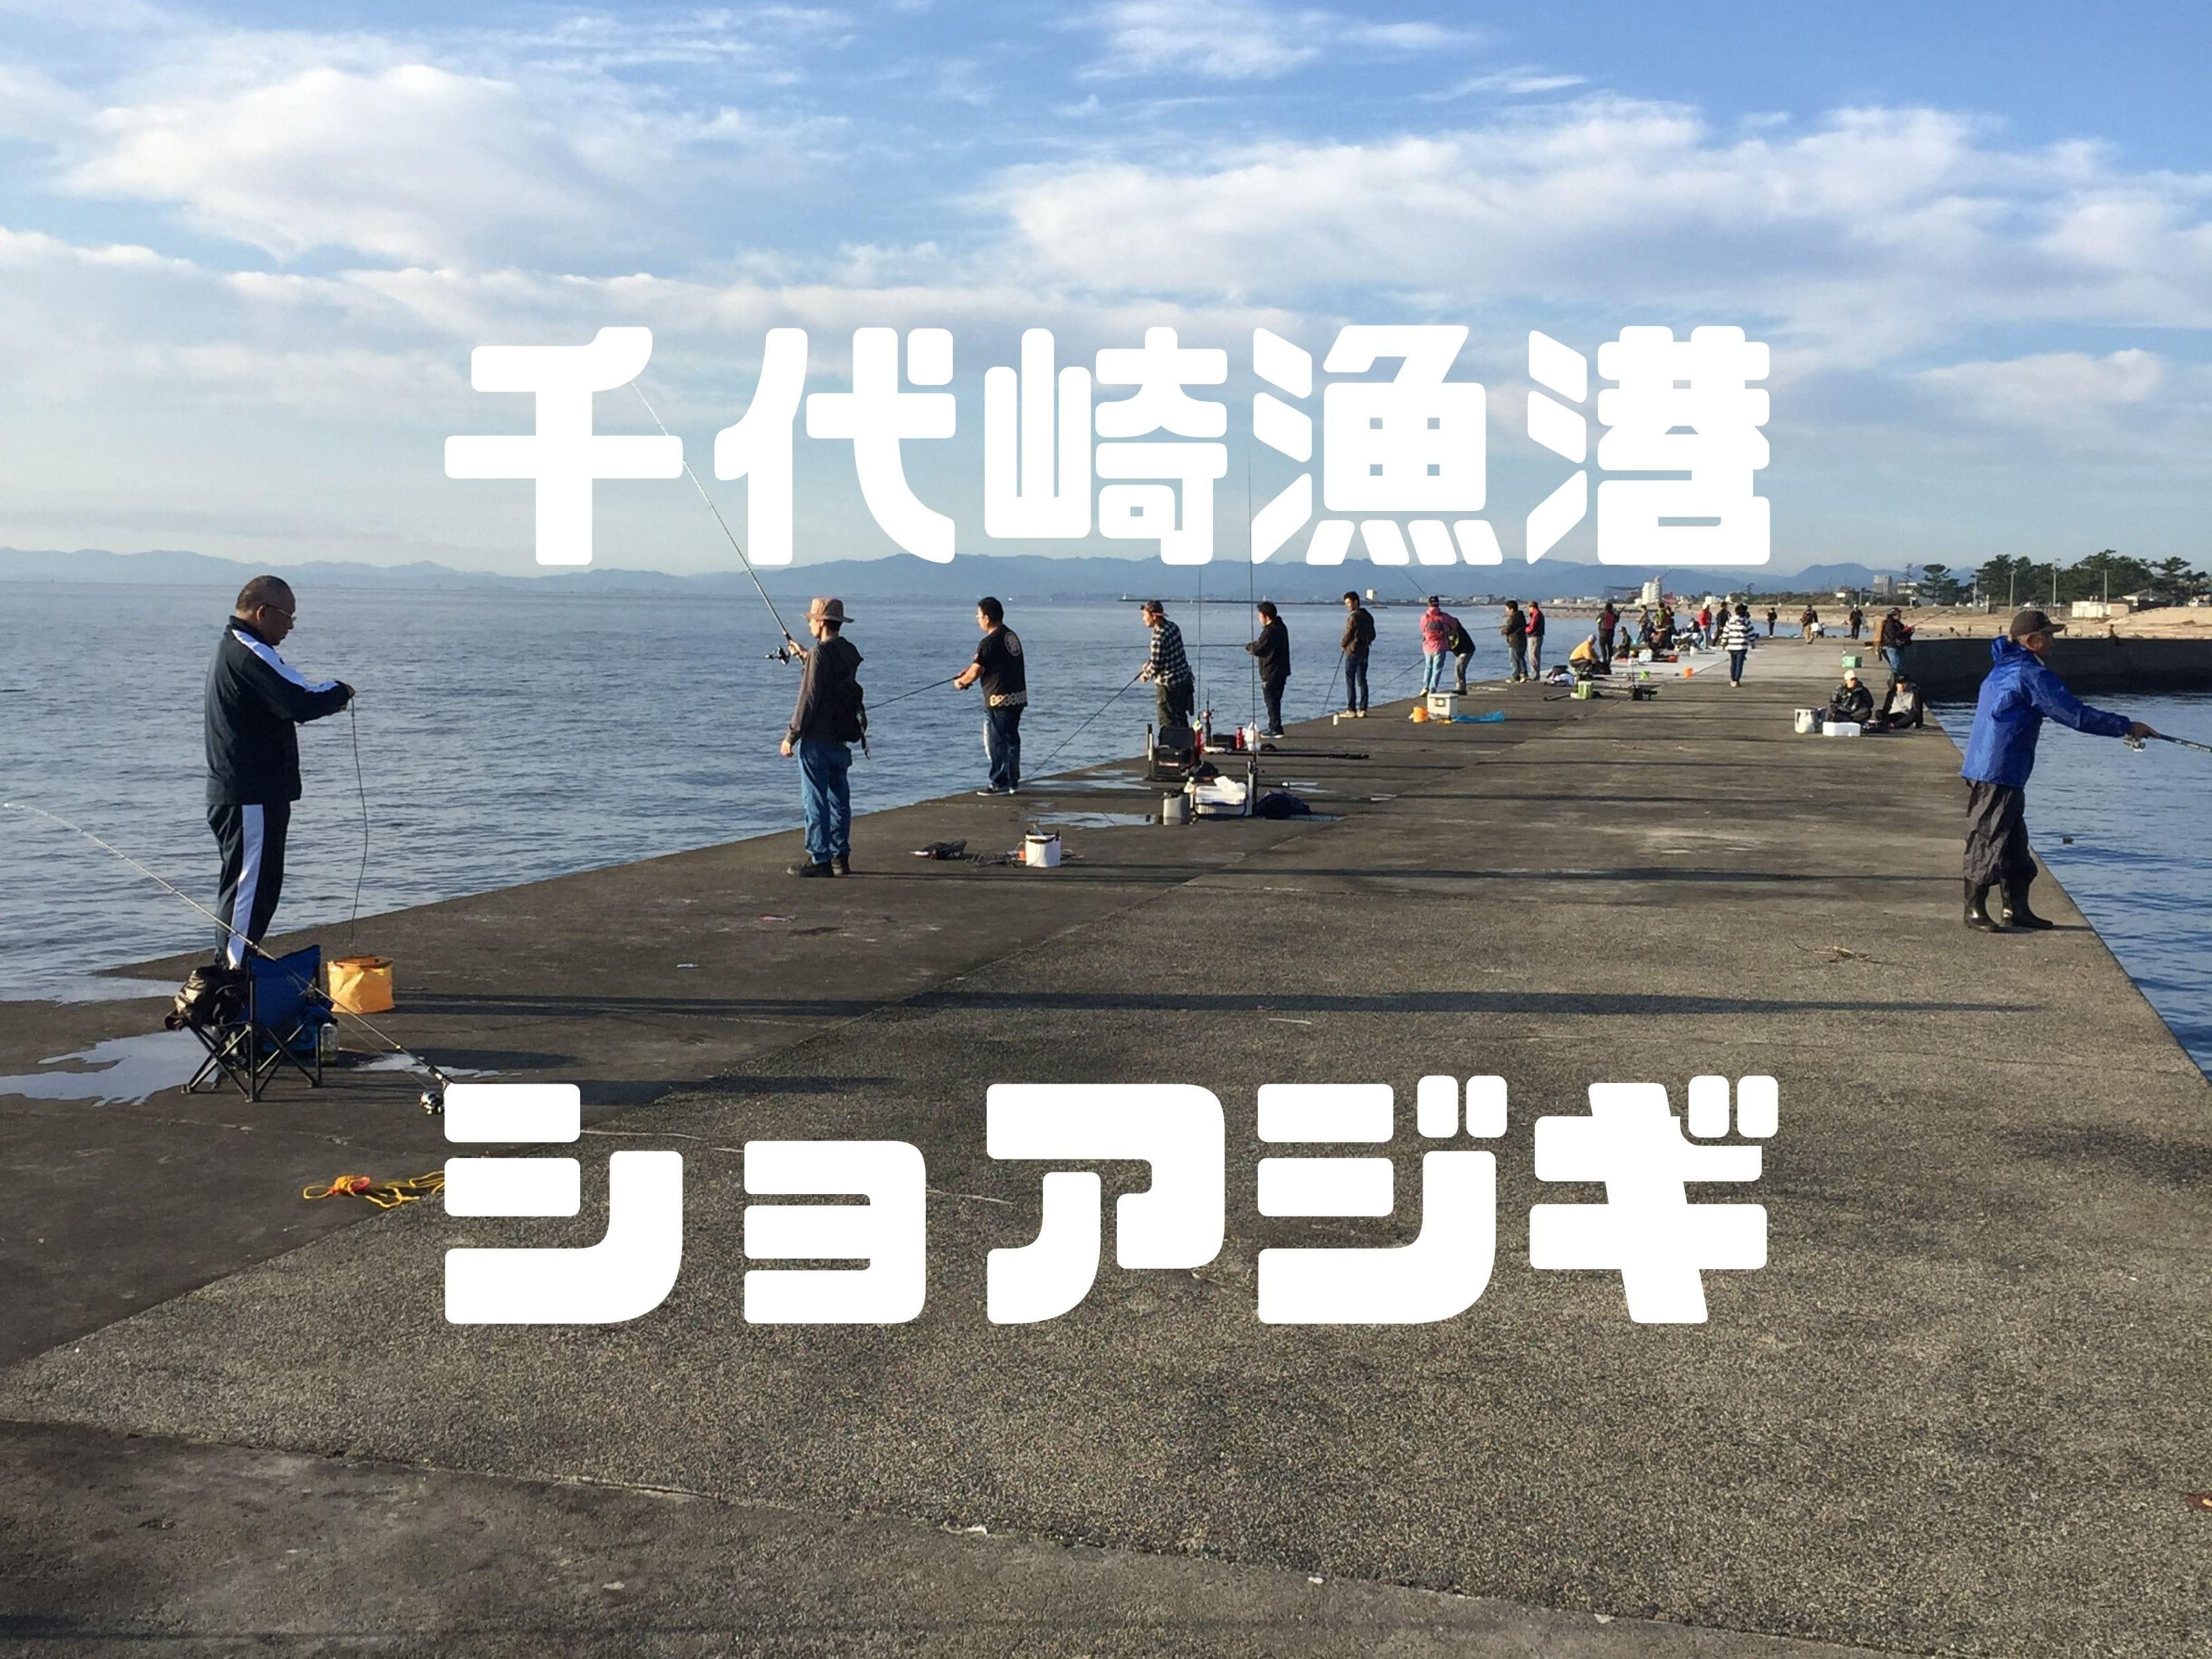 千代崎漁港・千代崎サーフで青物(サワラ・ワラサ)ショアジギング